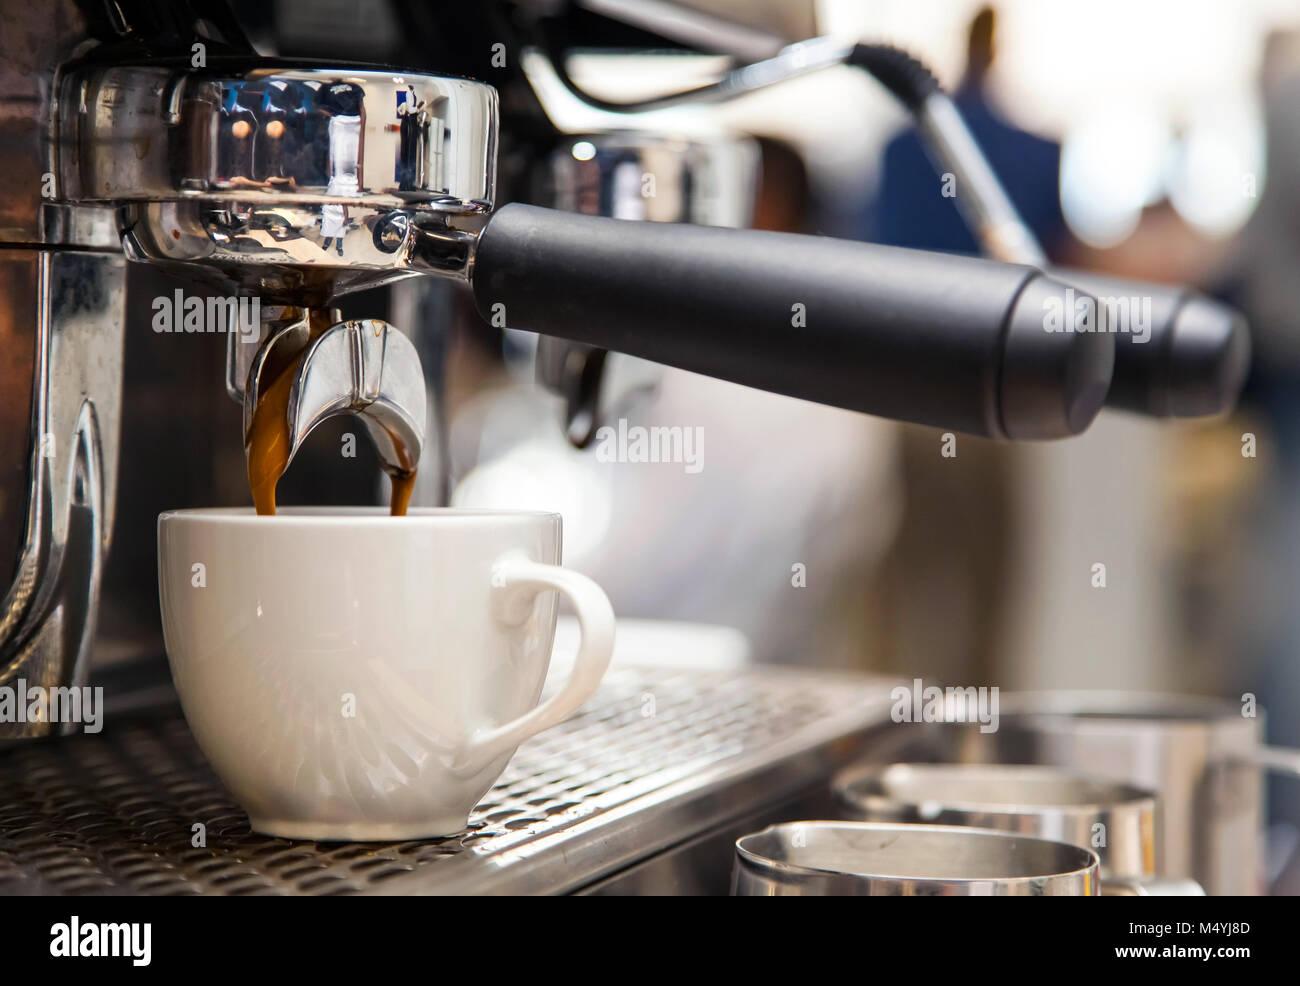 Chiusura del corso di caffè nella tazza da barista macchina nella caffetteria. Americano che sta per essere Immagini Stock